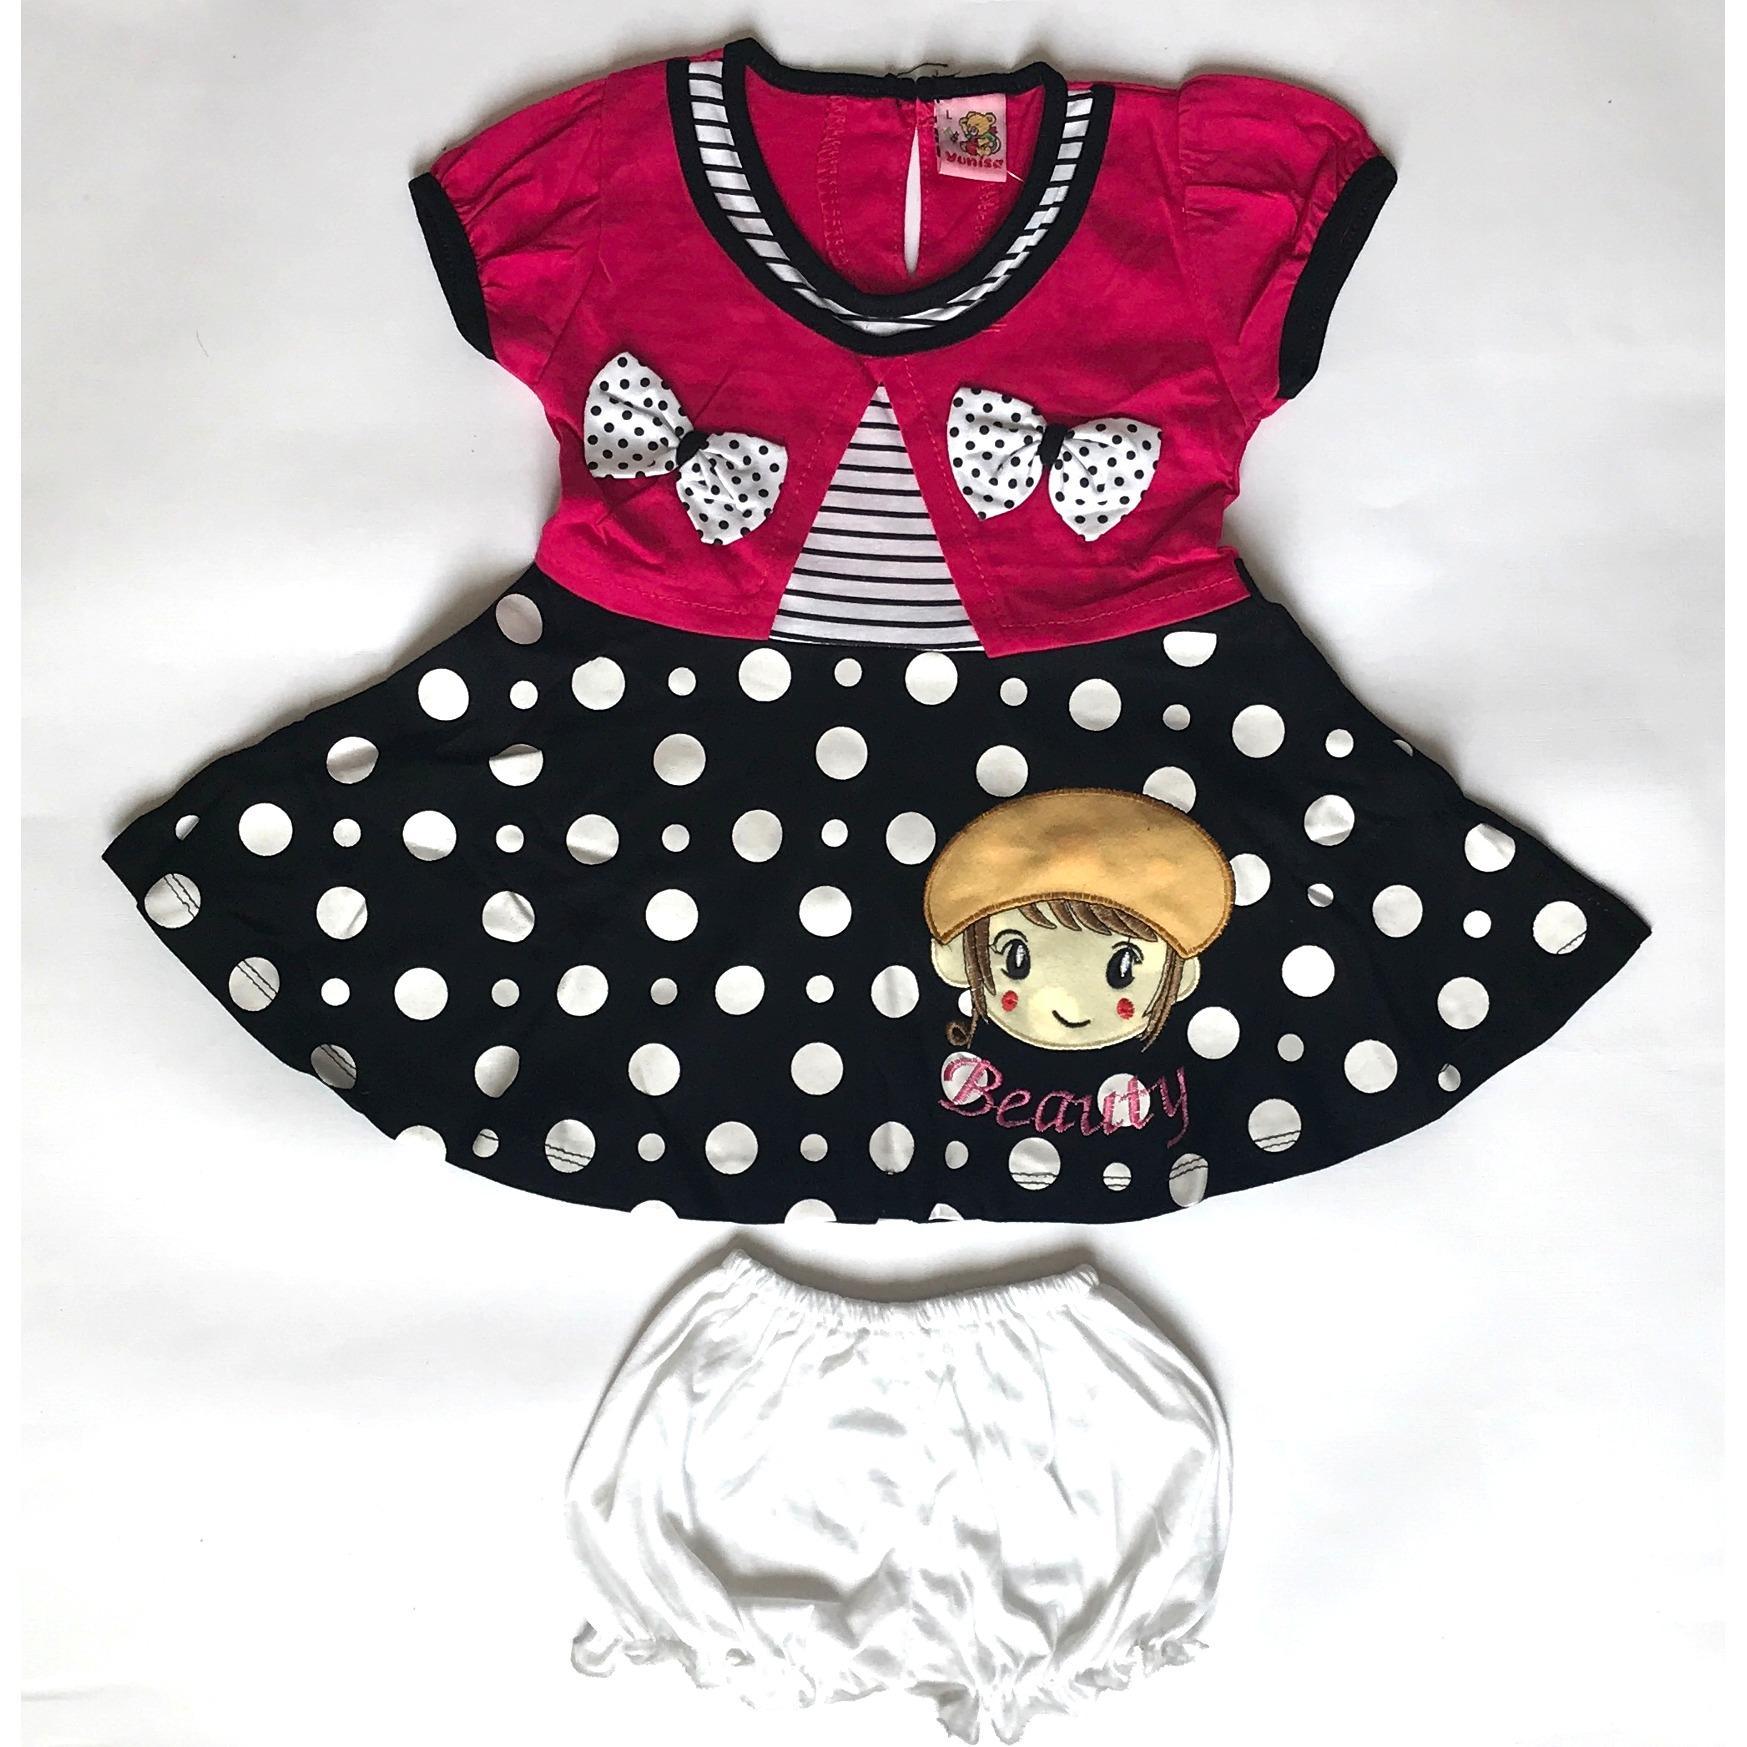 BAYIe - Setelan Baju Bayi Dress Anak Perempuan motif CEWEK YUNISA / Pakaian anak cewek umur 1 - 2 tahun